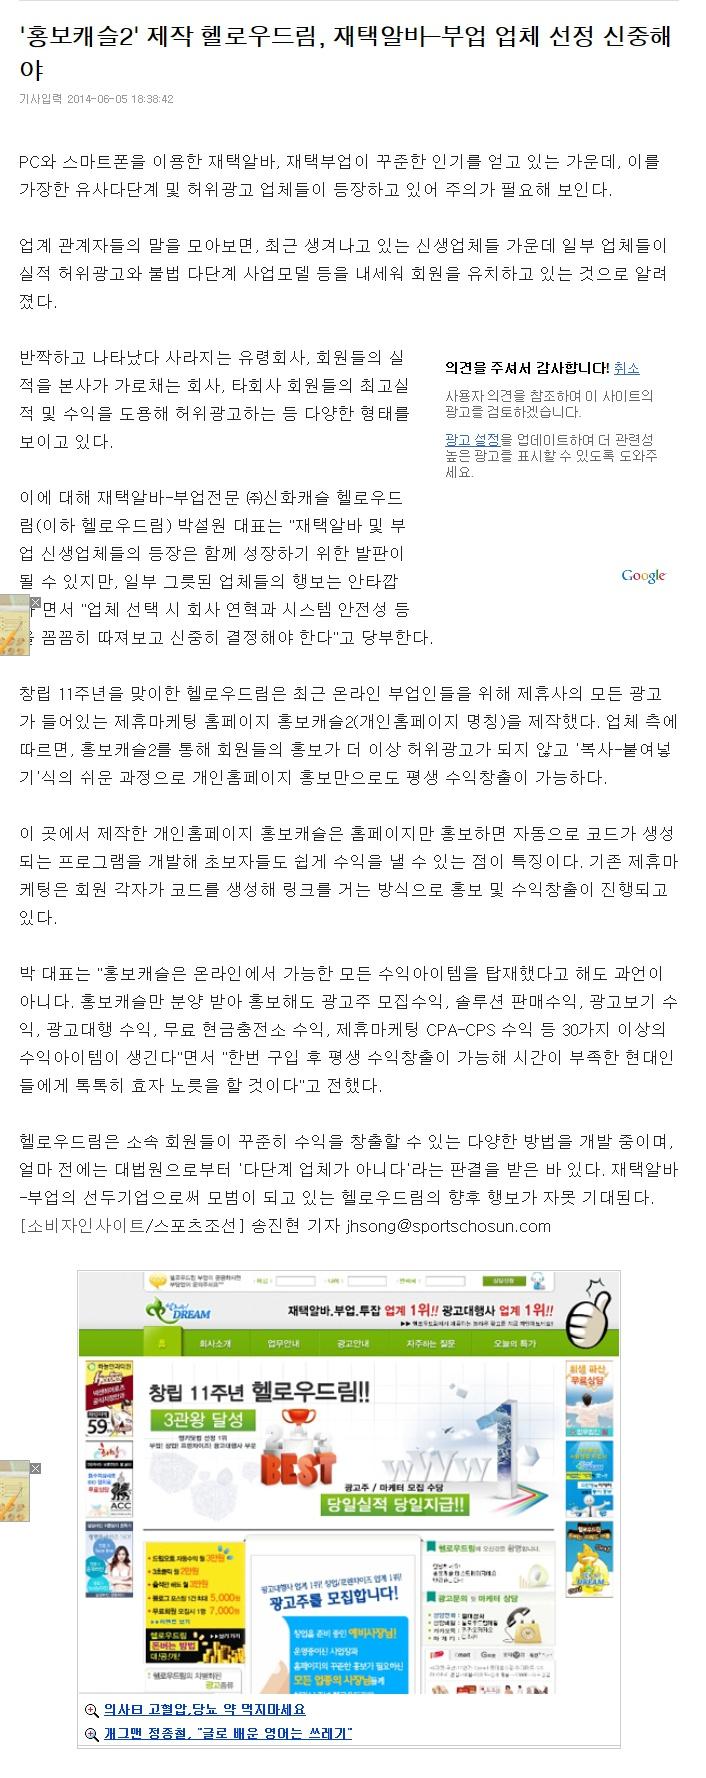 chosun_com_20140605_184656.jpg